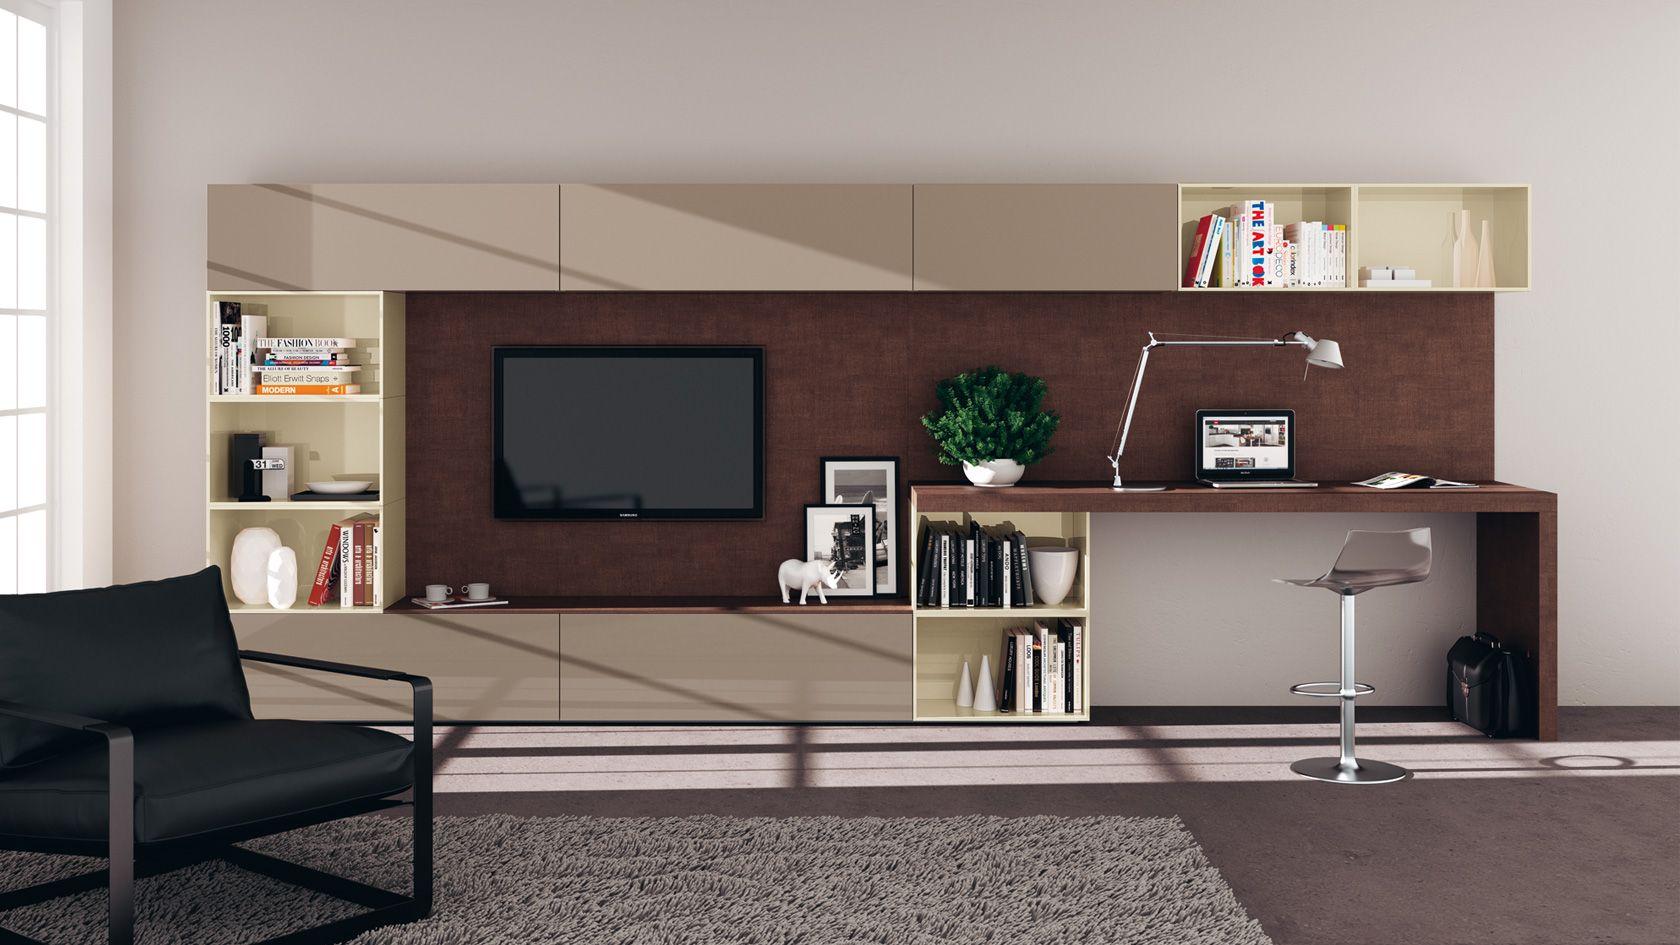 Arredamento soggiorno Feel e Scenery | Sito ufficiale Scavolini ...